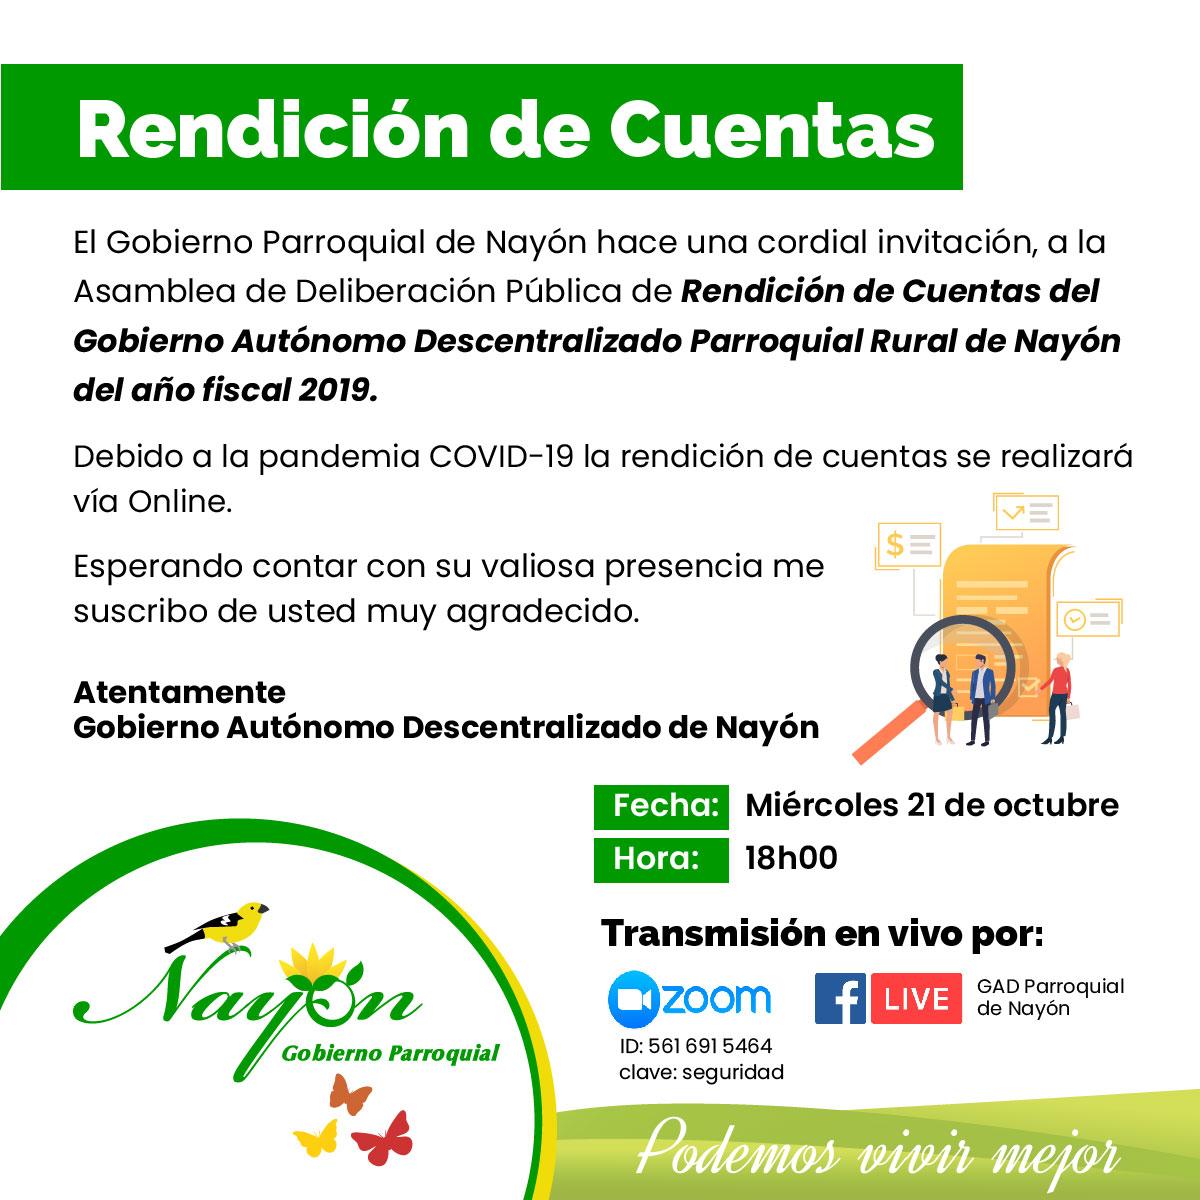 Asamblea de Deliberación Pública de Rendición de Cuentas del Gobierno Autónomo Descentralizado Parroquial Rural de Nayón del año fiscal 2019